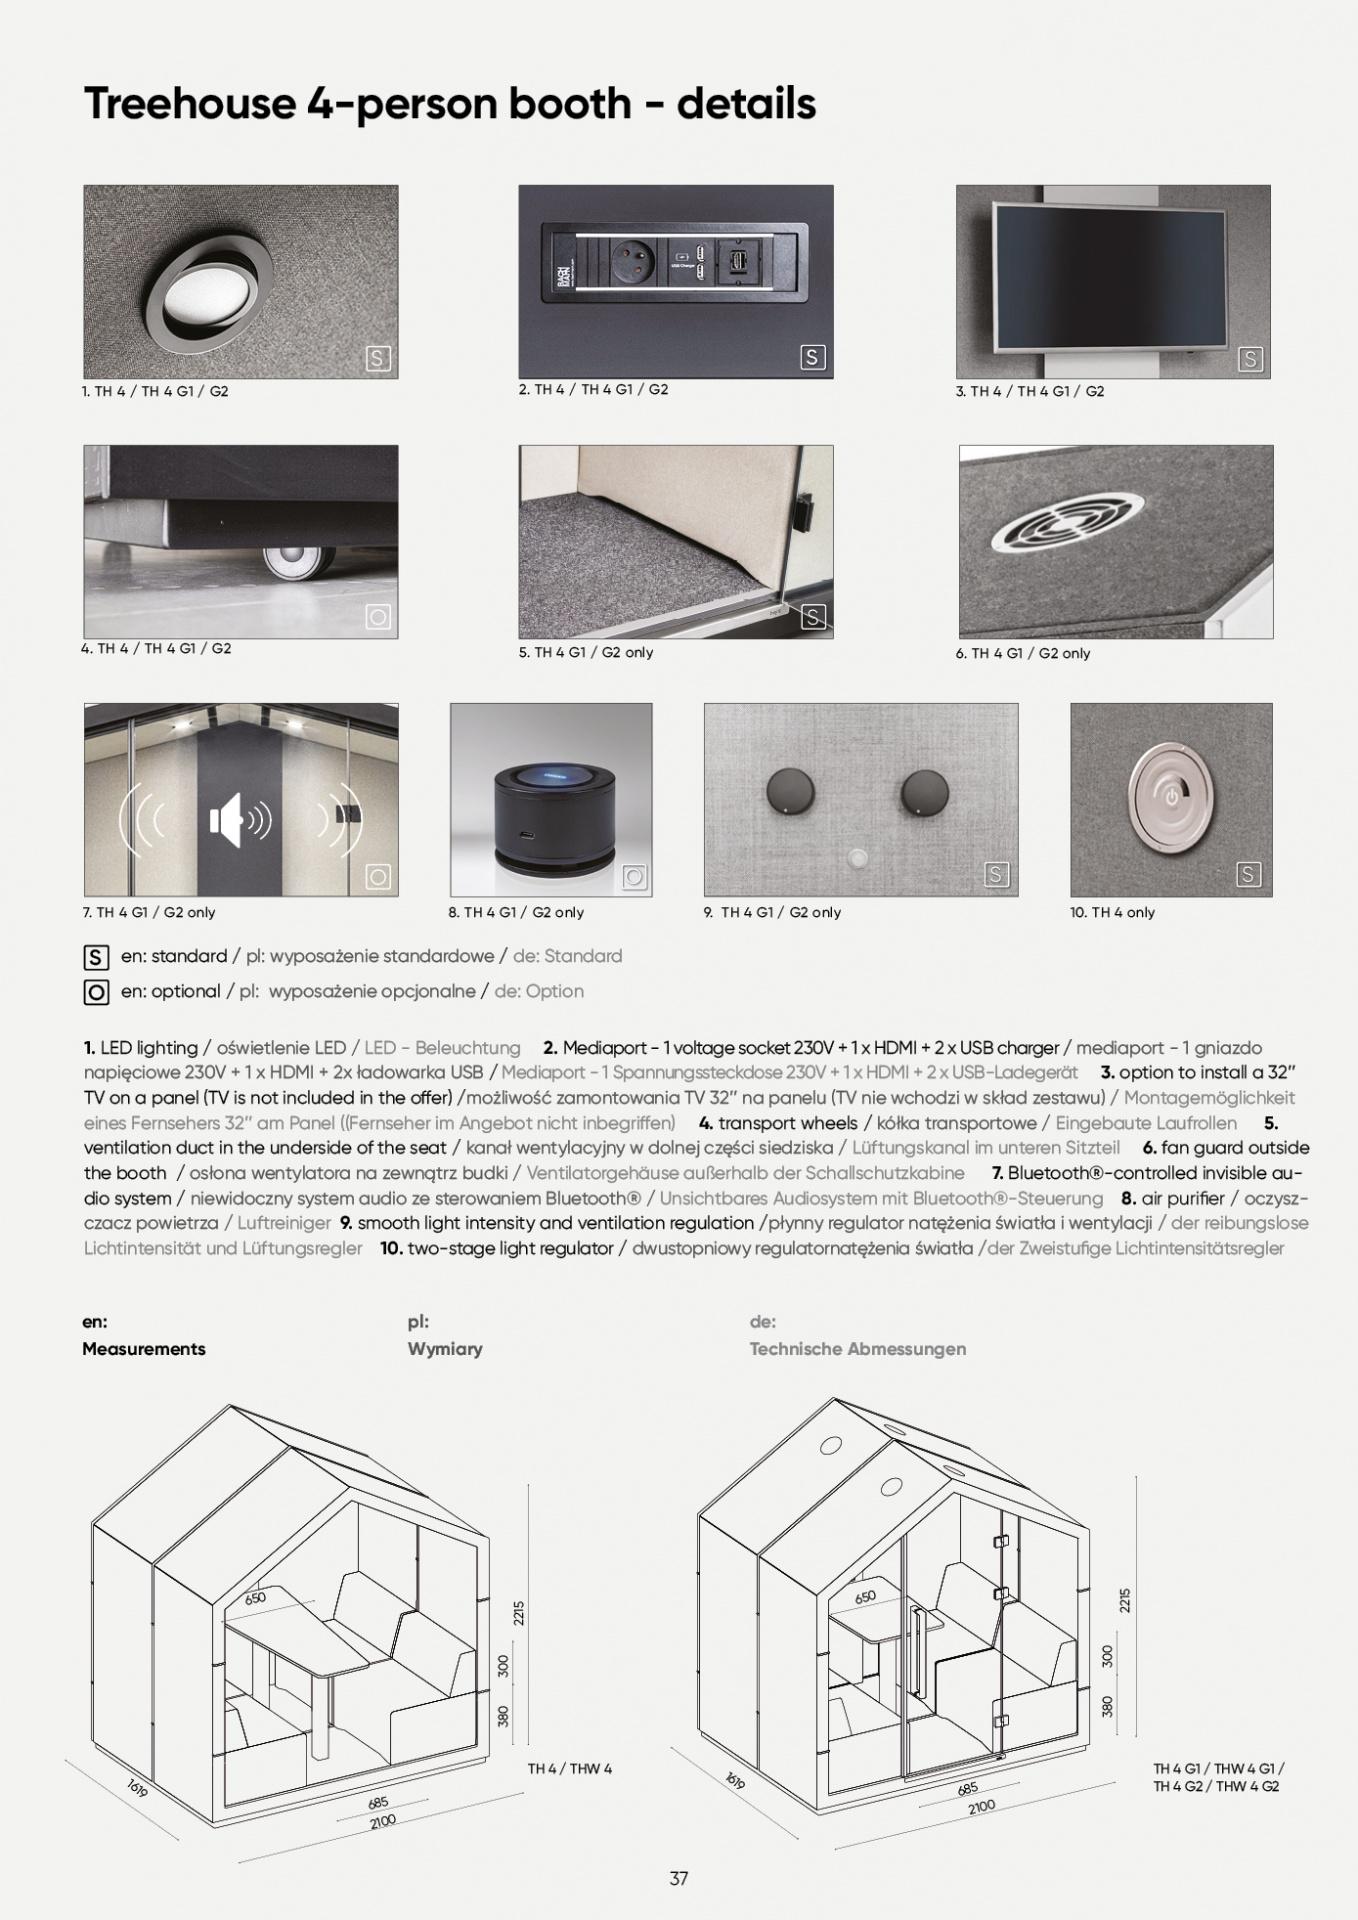 treehouse-catalogue-37.jpg